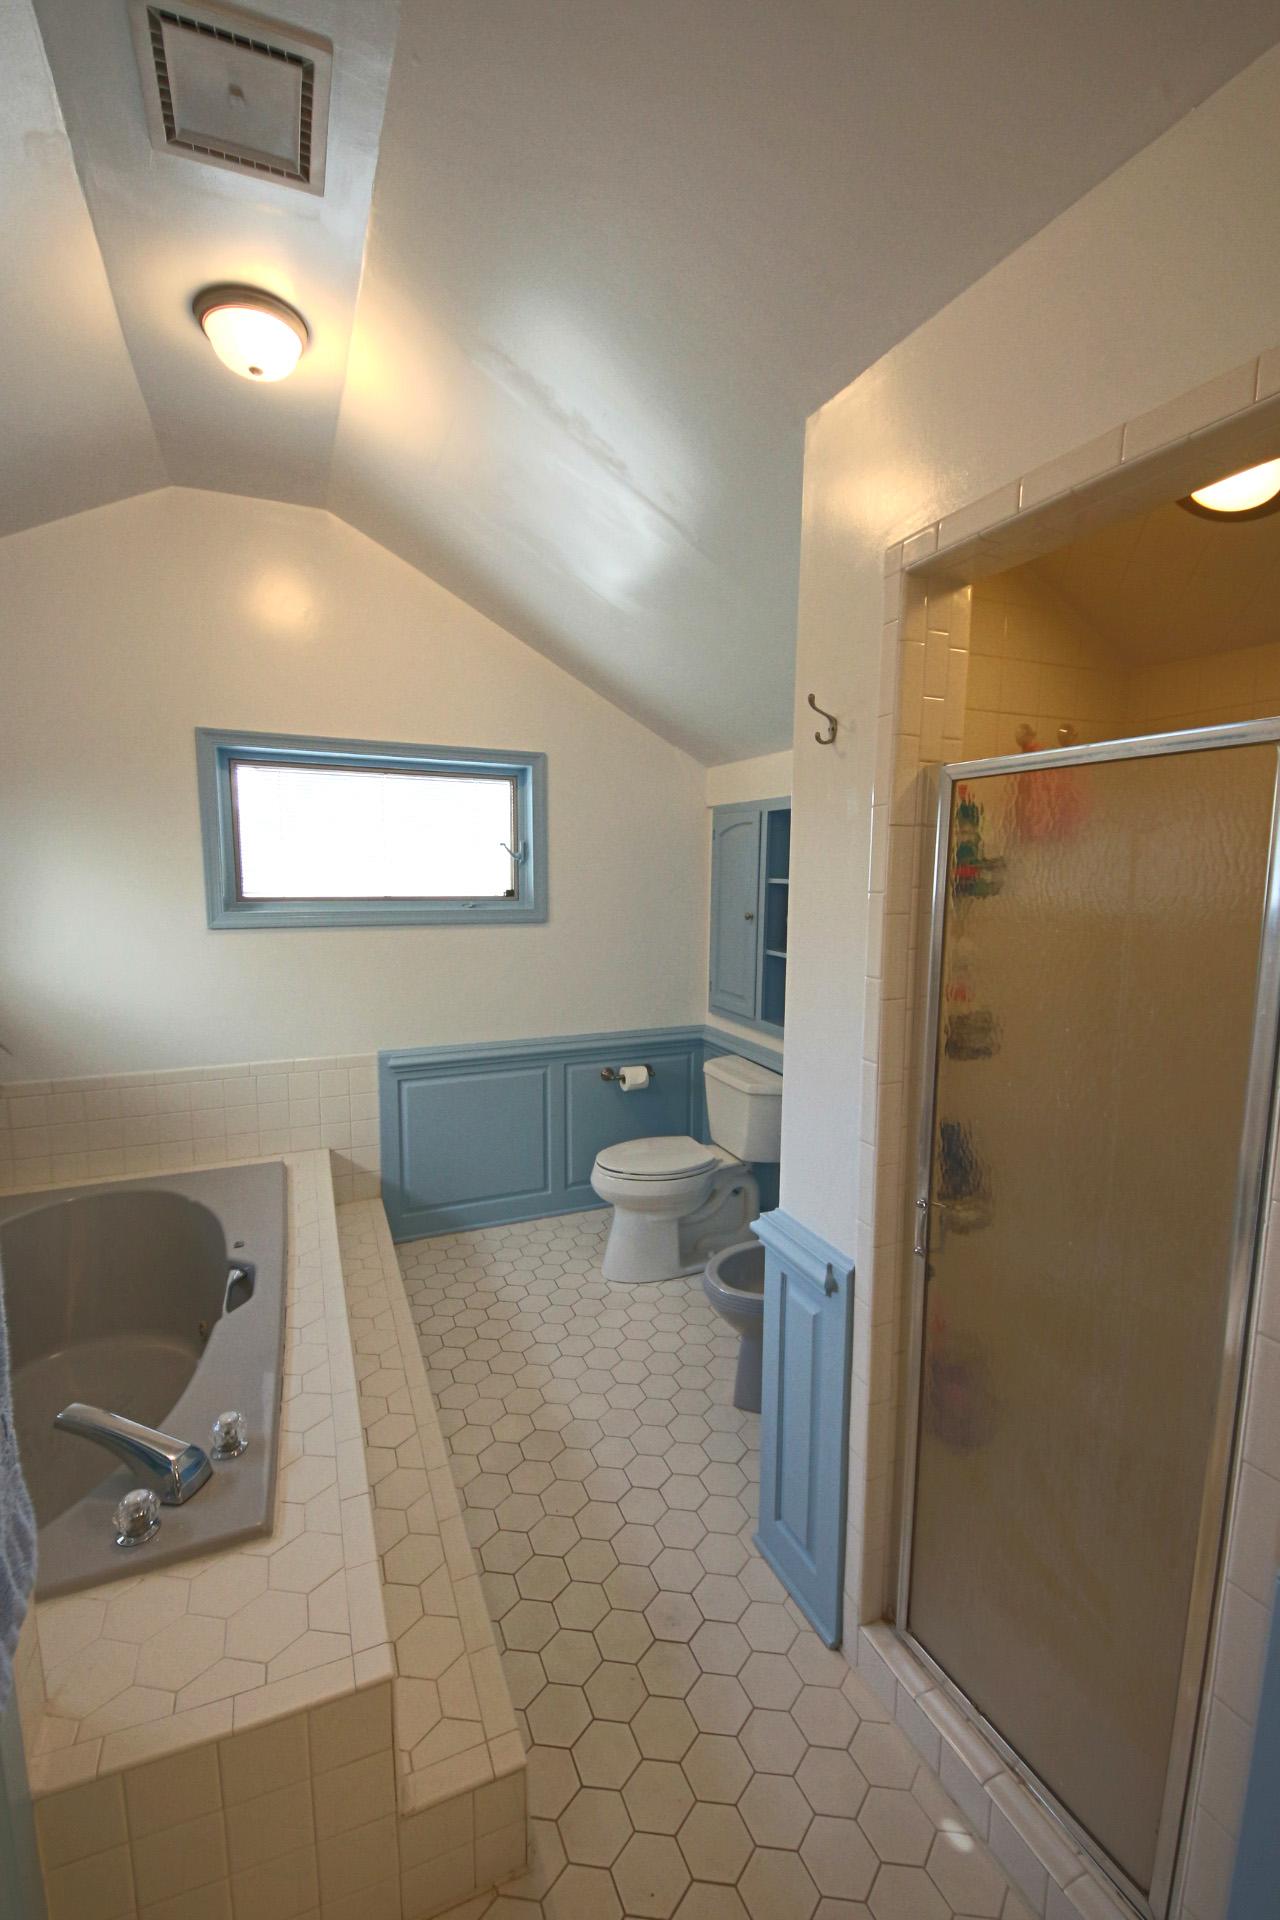 24. Upstairs Bathroom